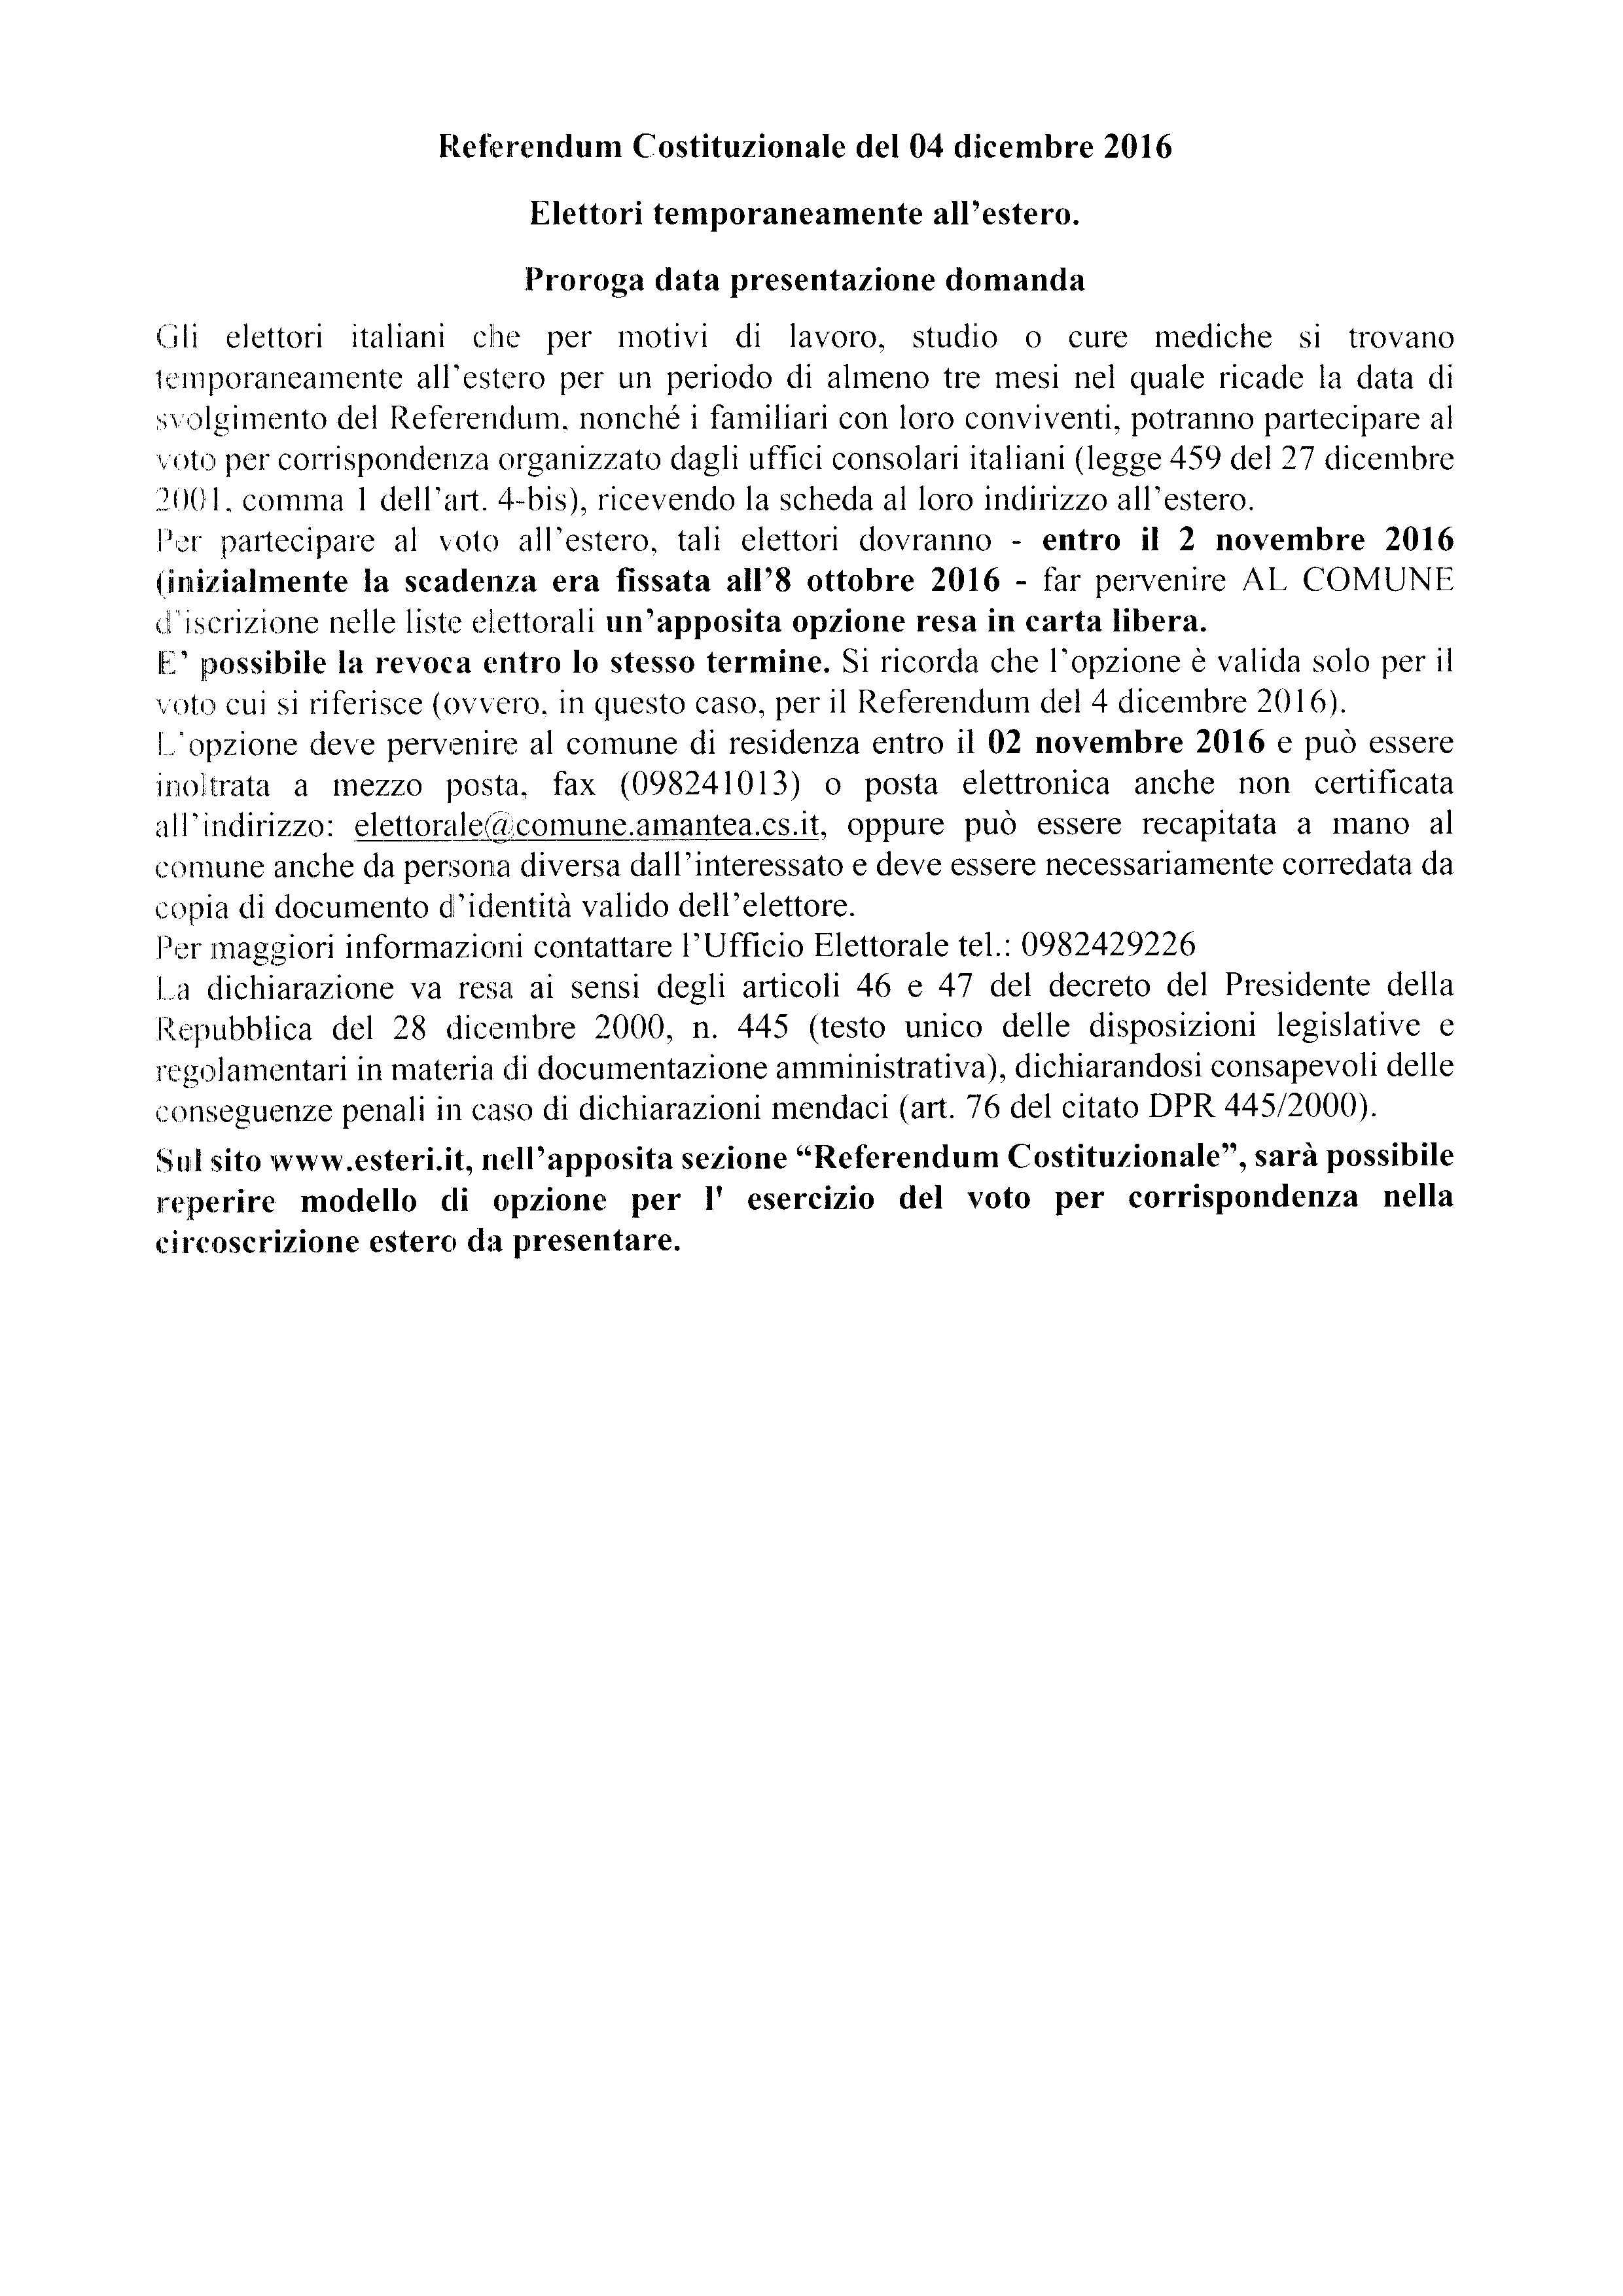 Referendum Costituzionale del 04 dicembre 2016 – Elettori temporaneamente all'estero. Proroga presentazione domanda